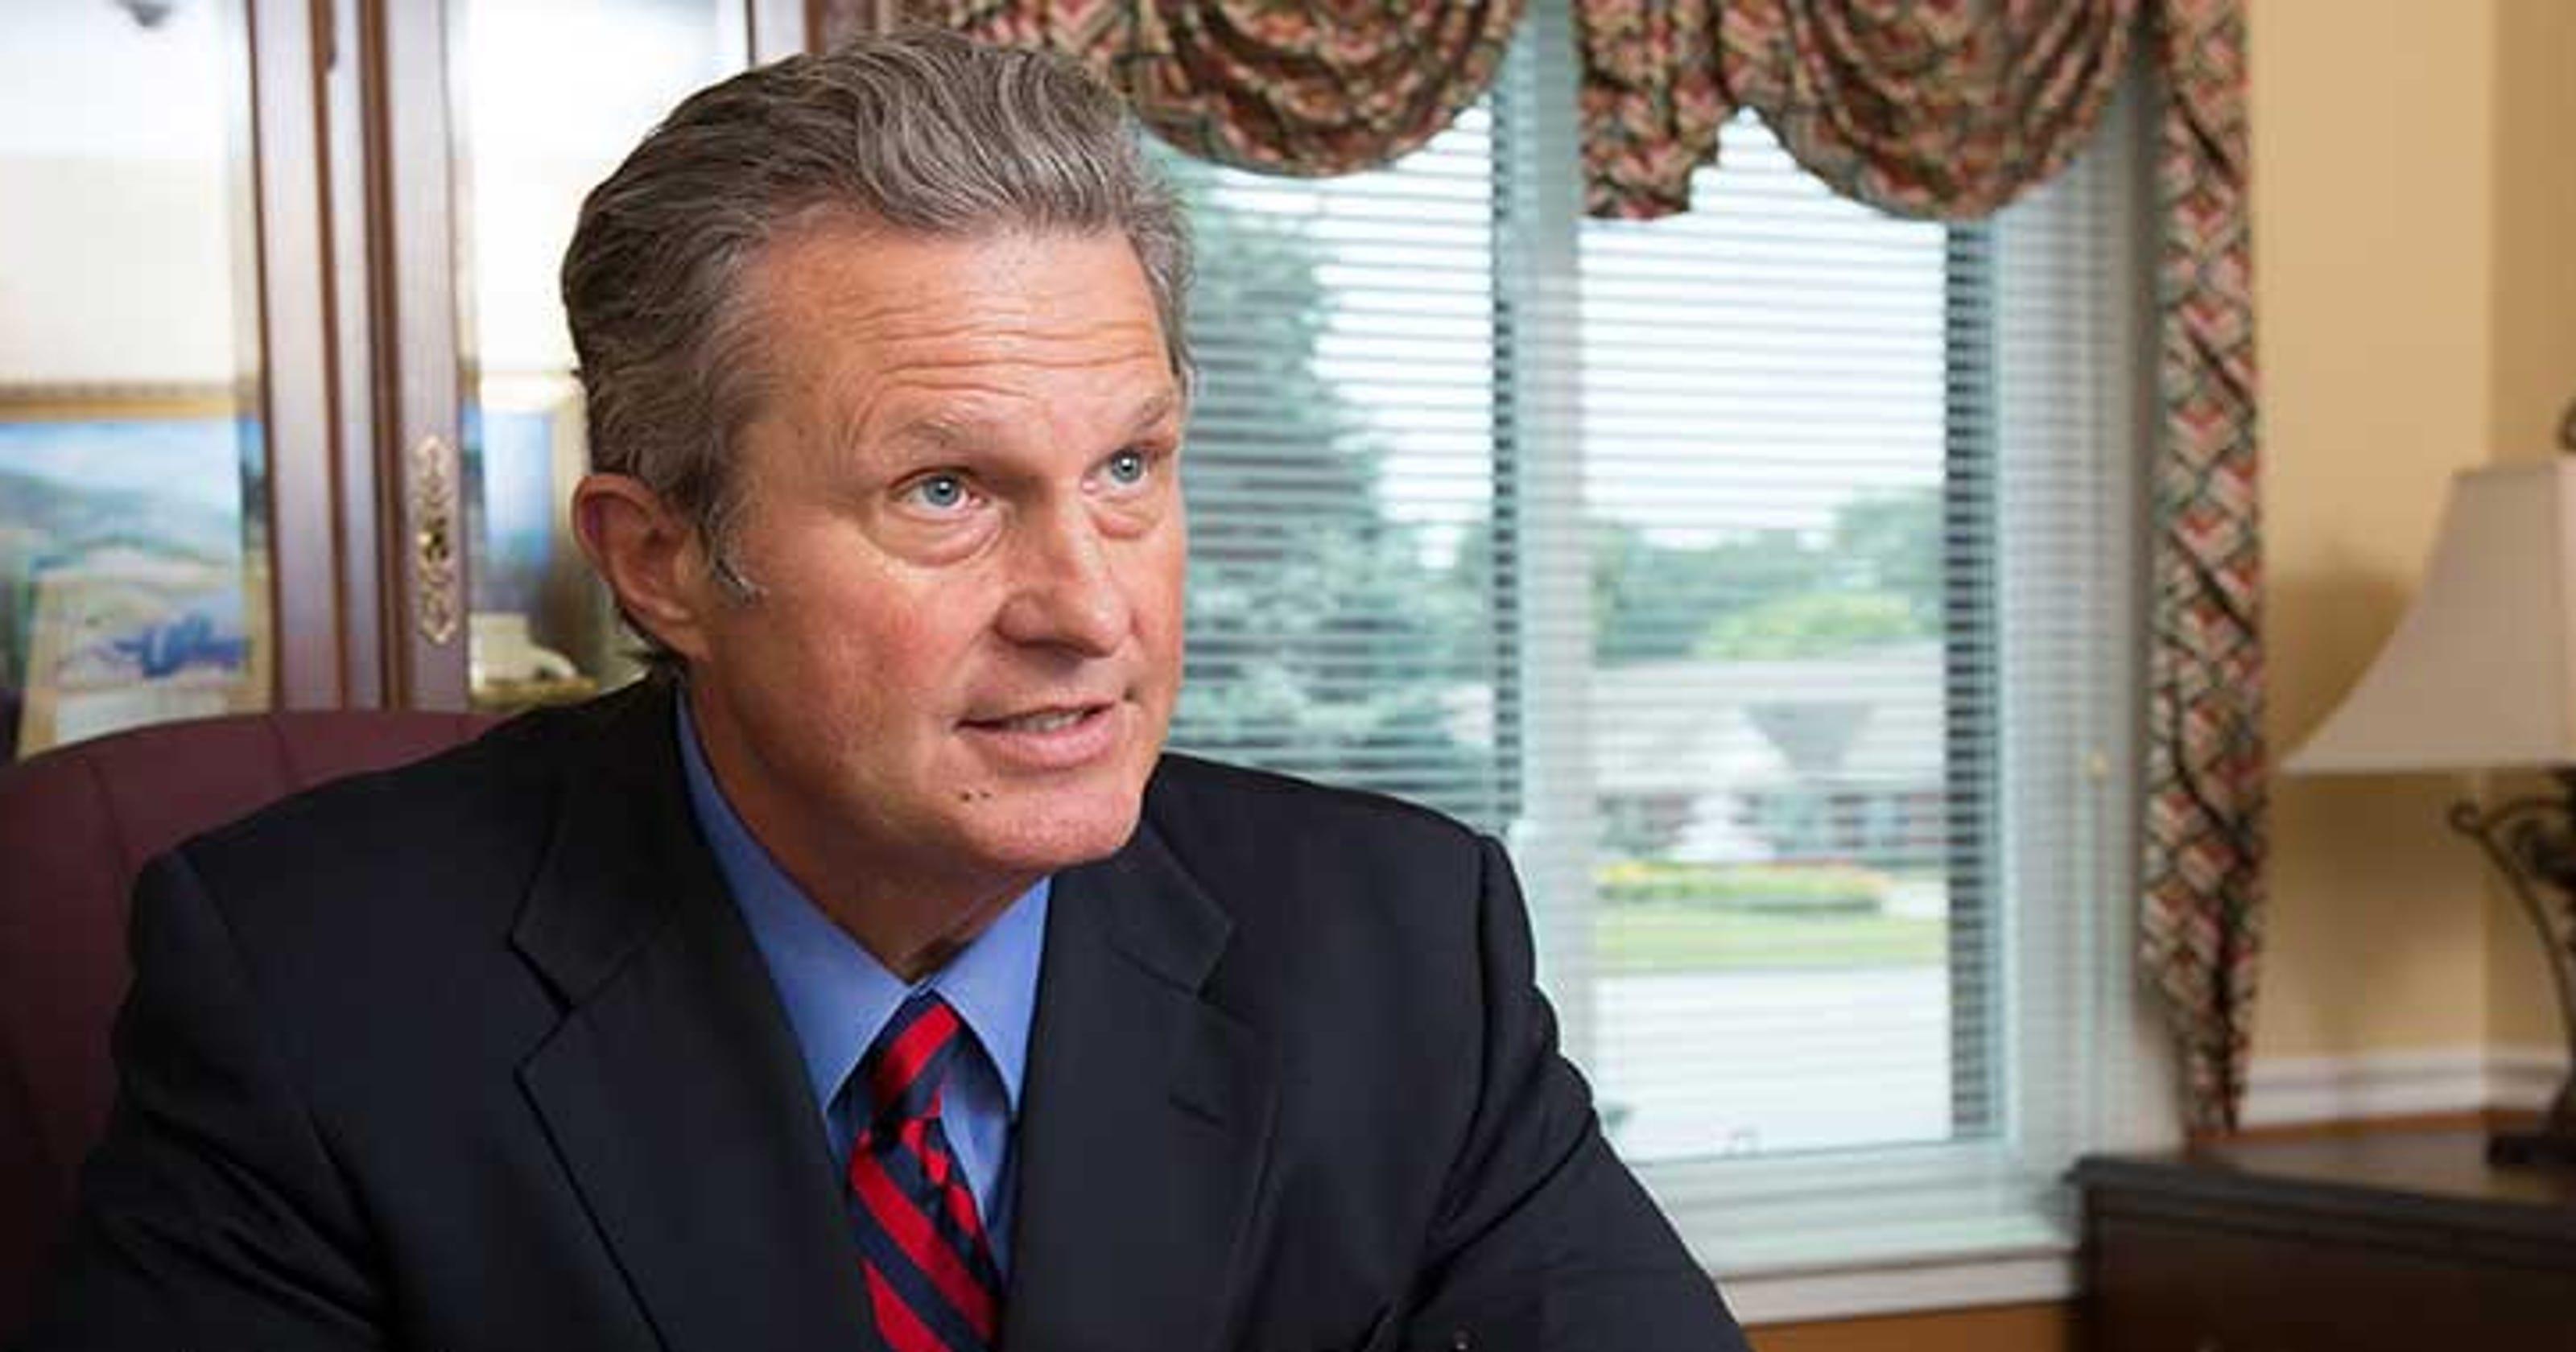 Louisville lawyer\'s fake Kentucky bar associations under scrutiny